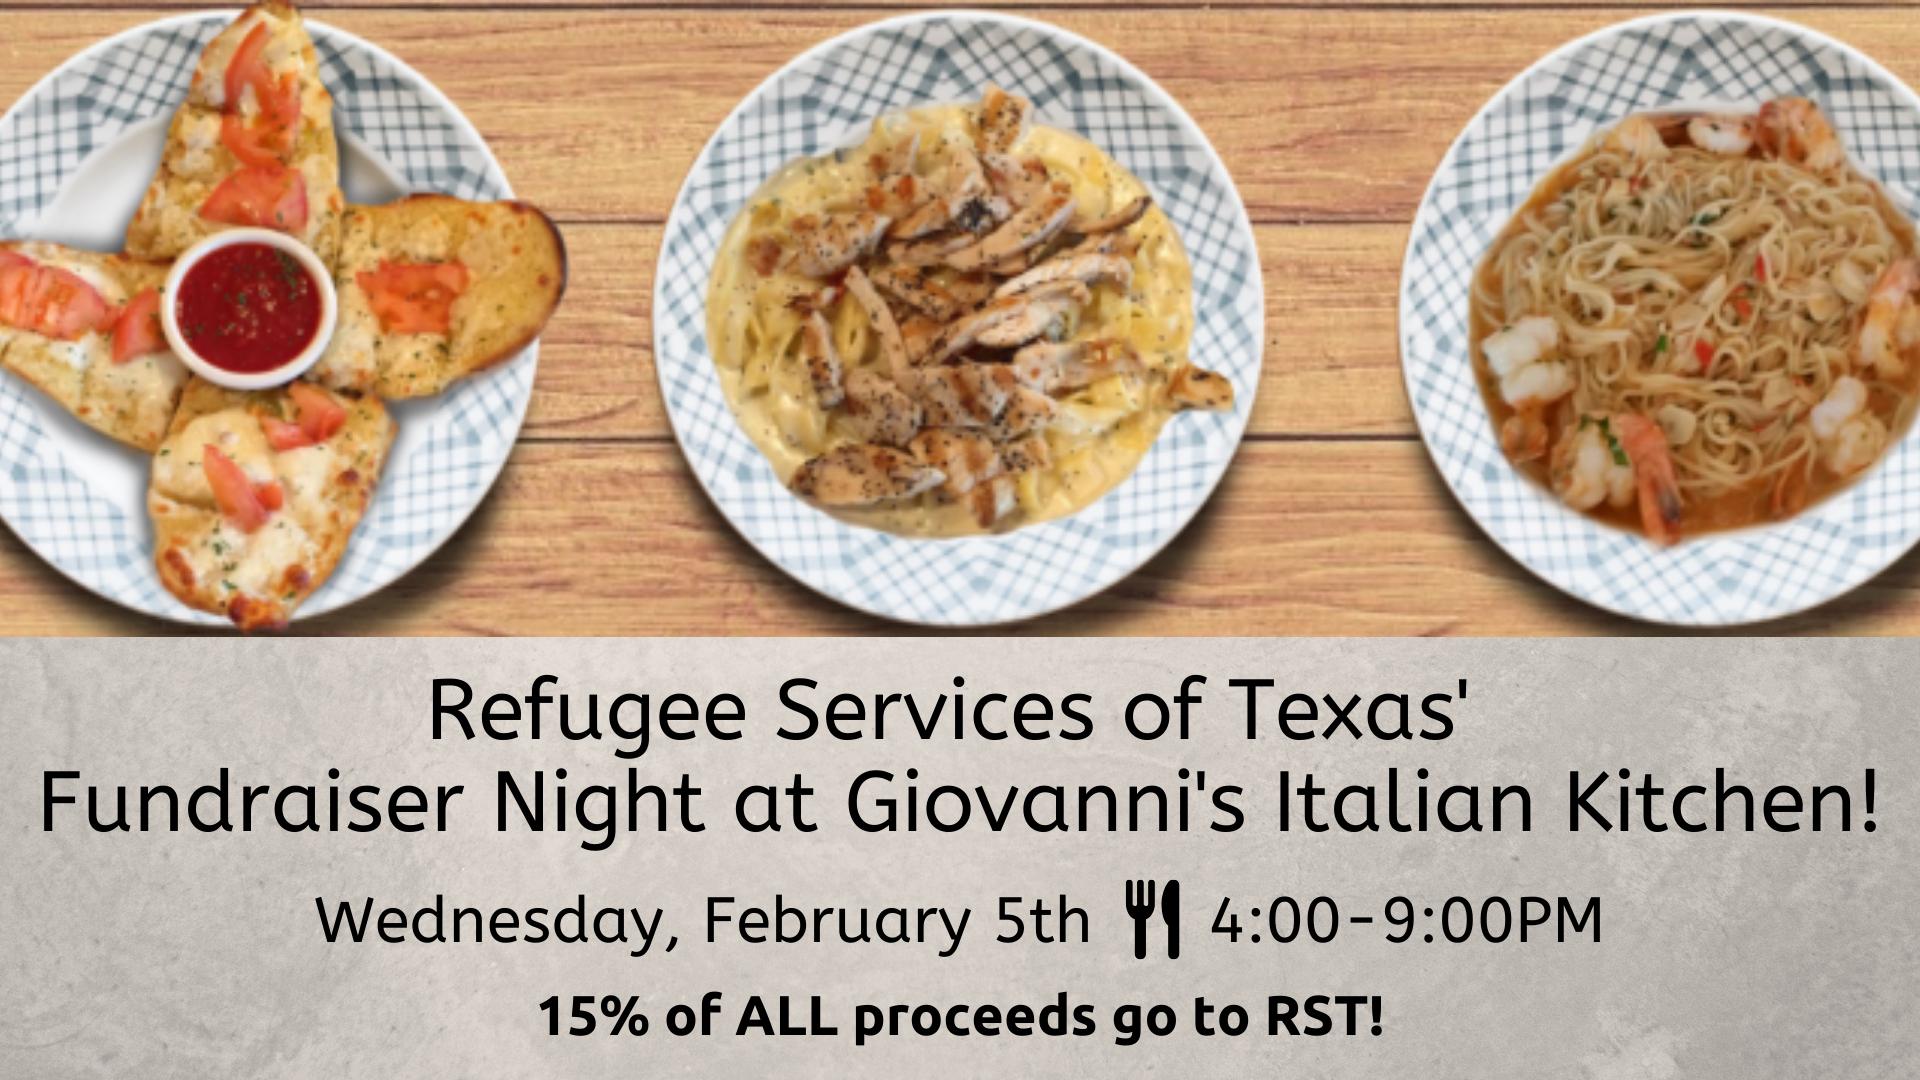 Fundraiser Night at Giovanni's Italian Kitchen